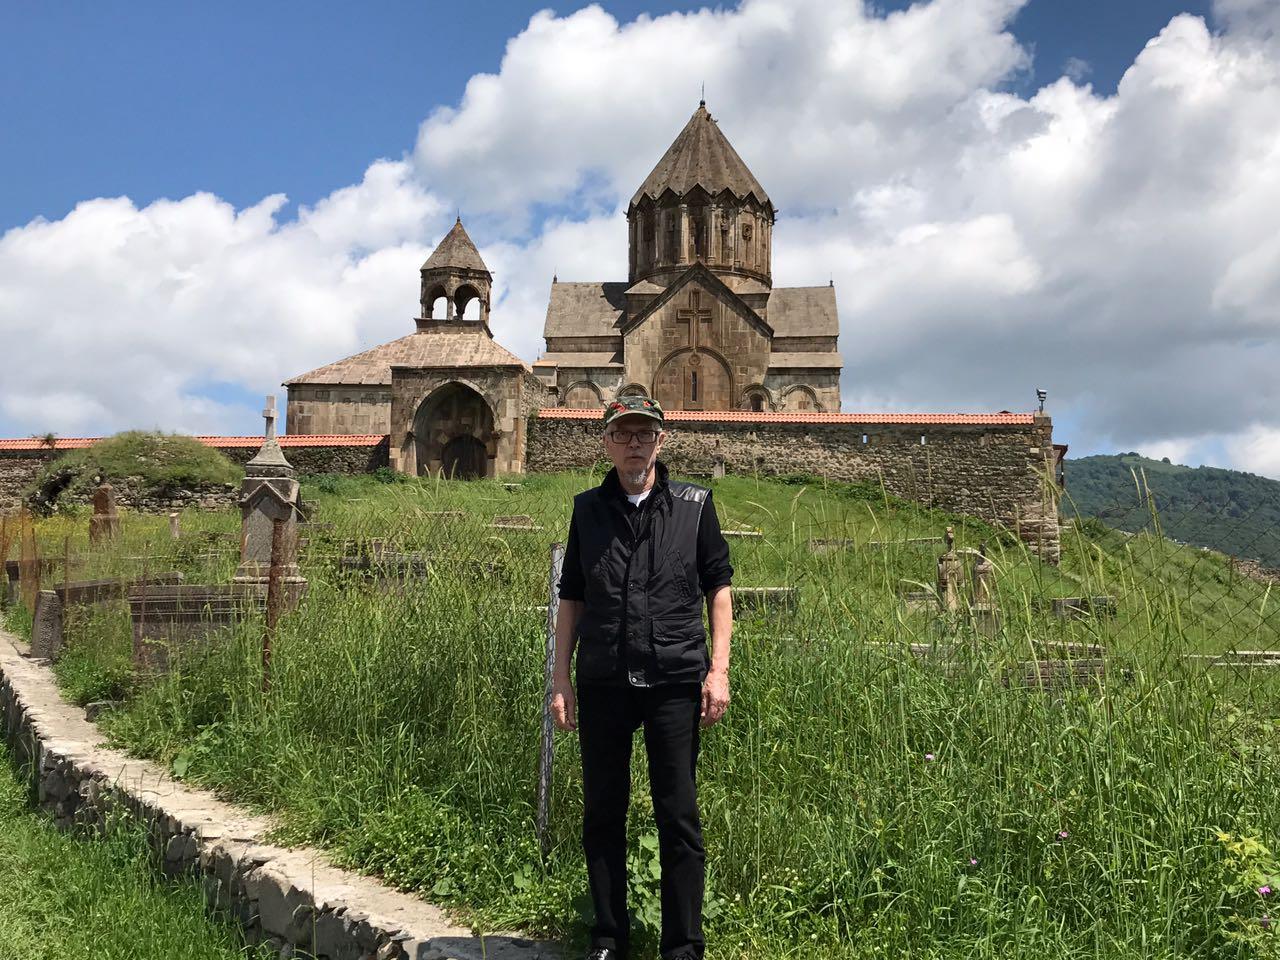 Эдуард Лимонов: «Антитурецкий настрой привёл меня в Карабах»